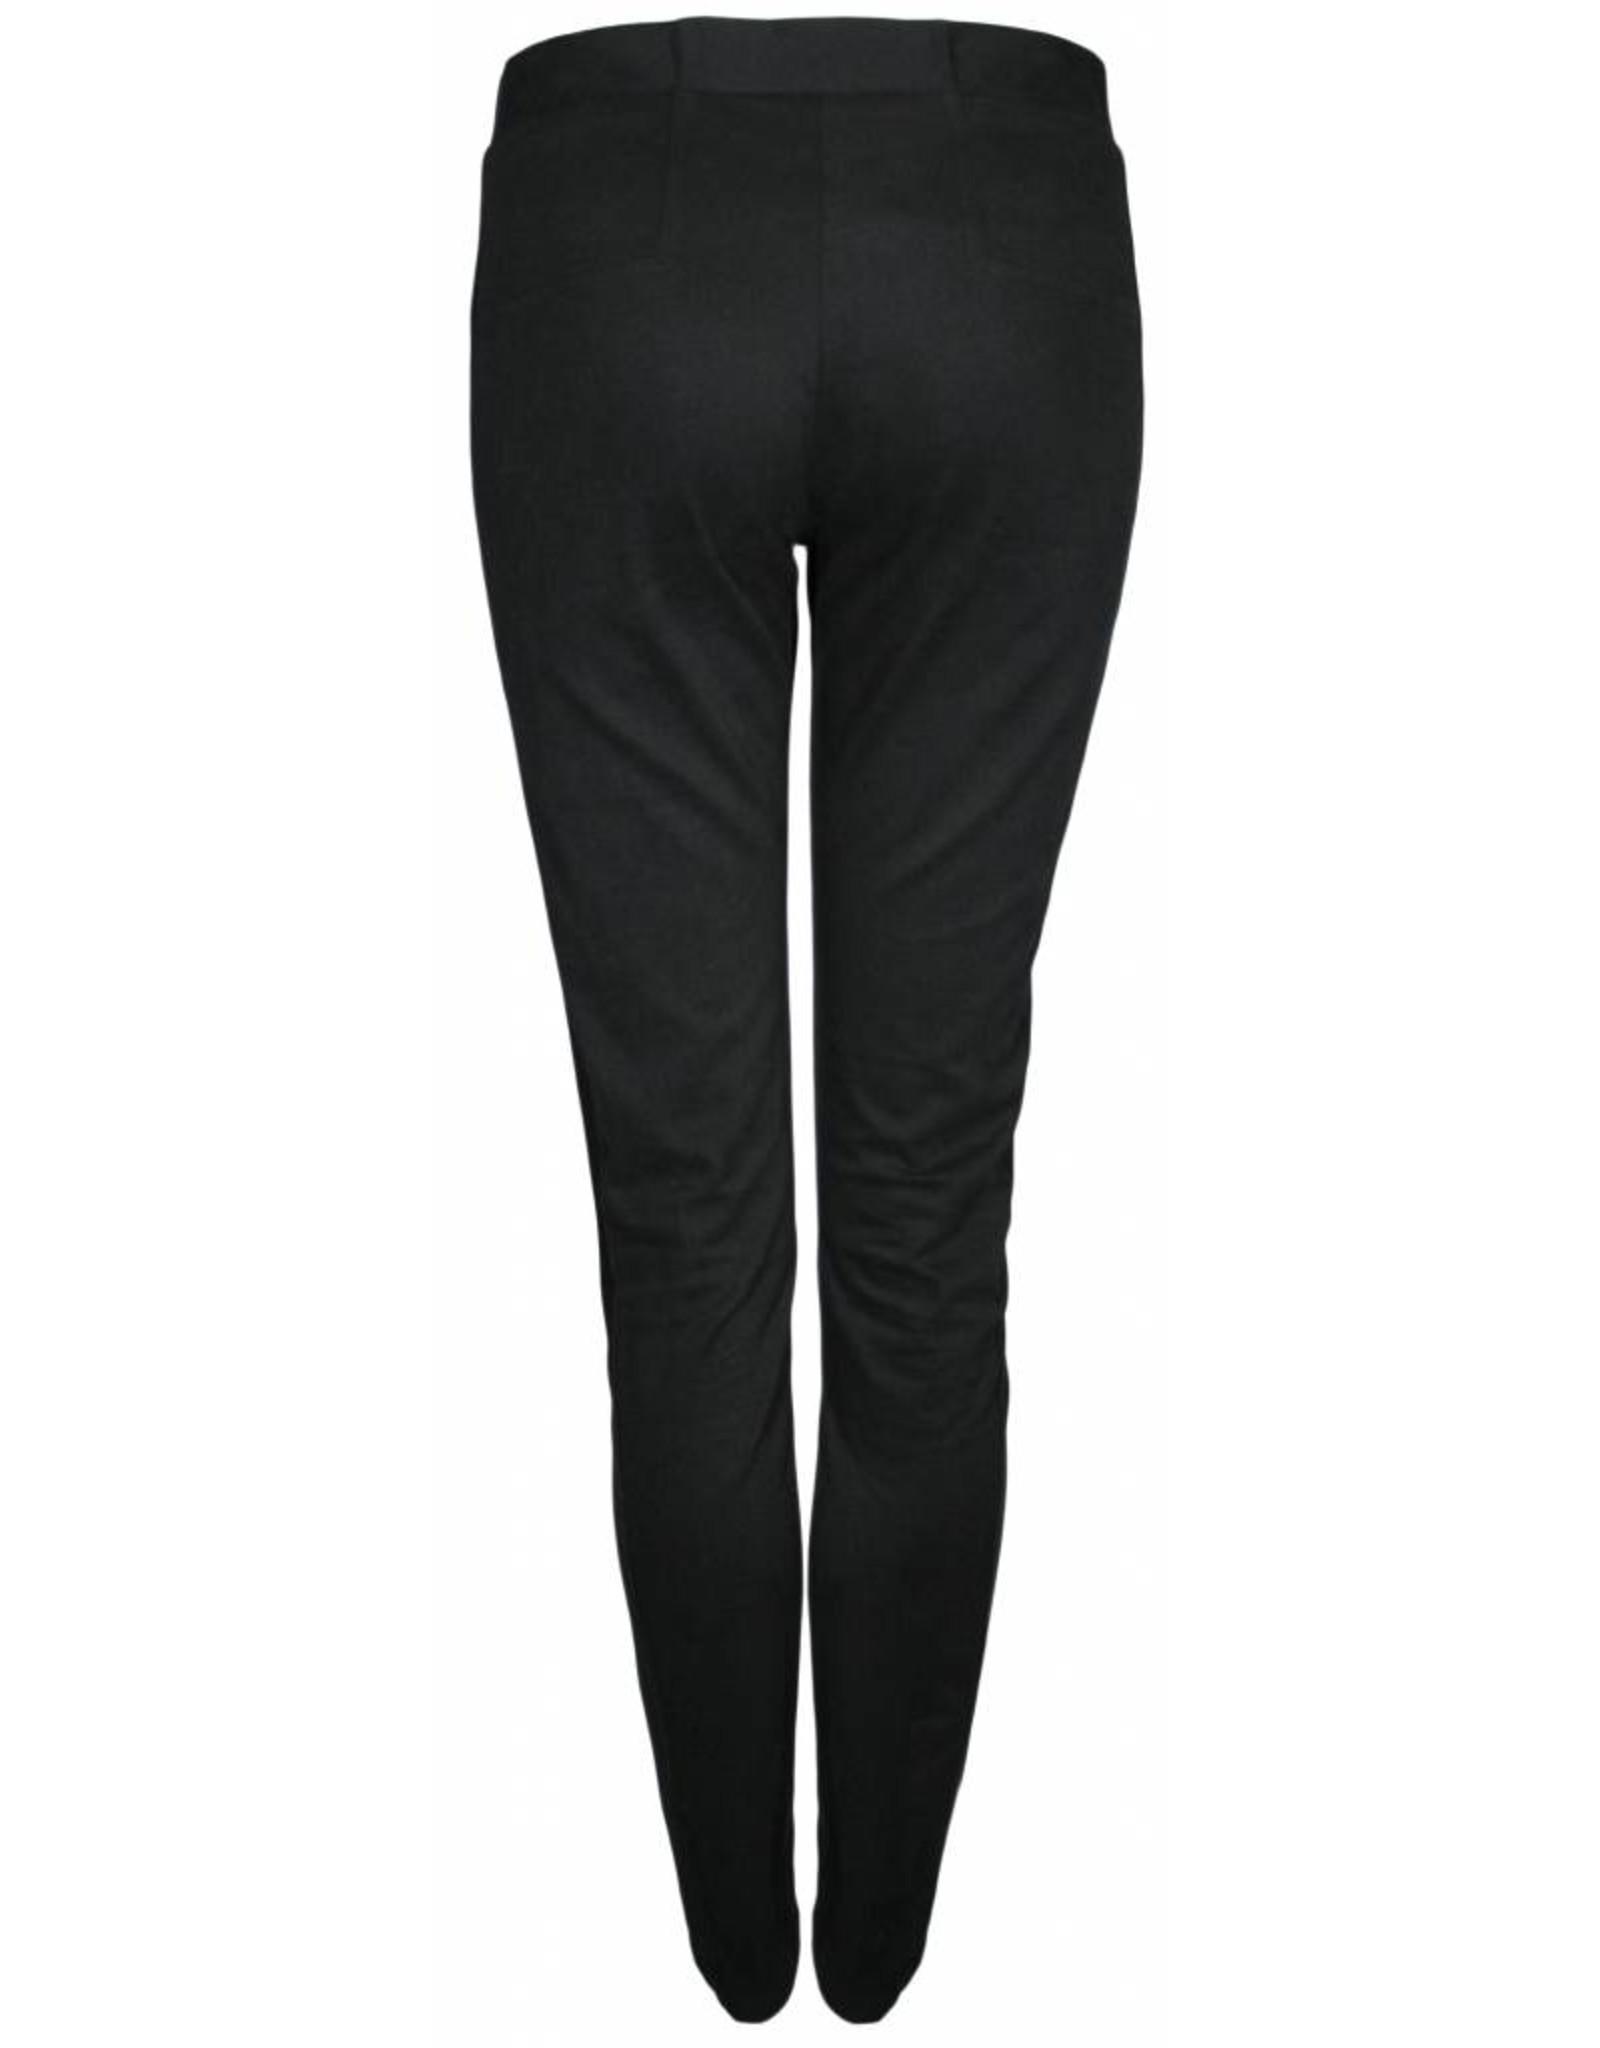 format TREK pants